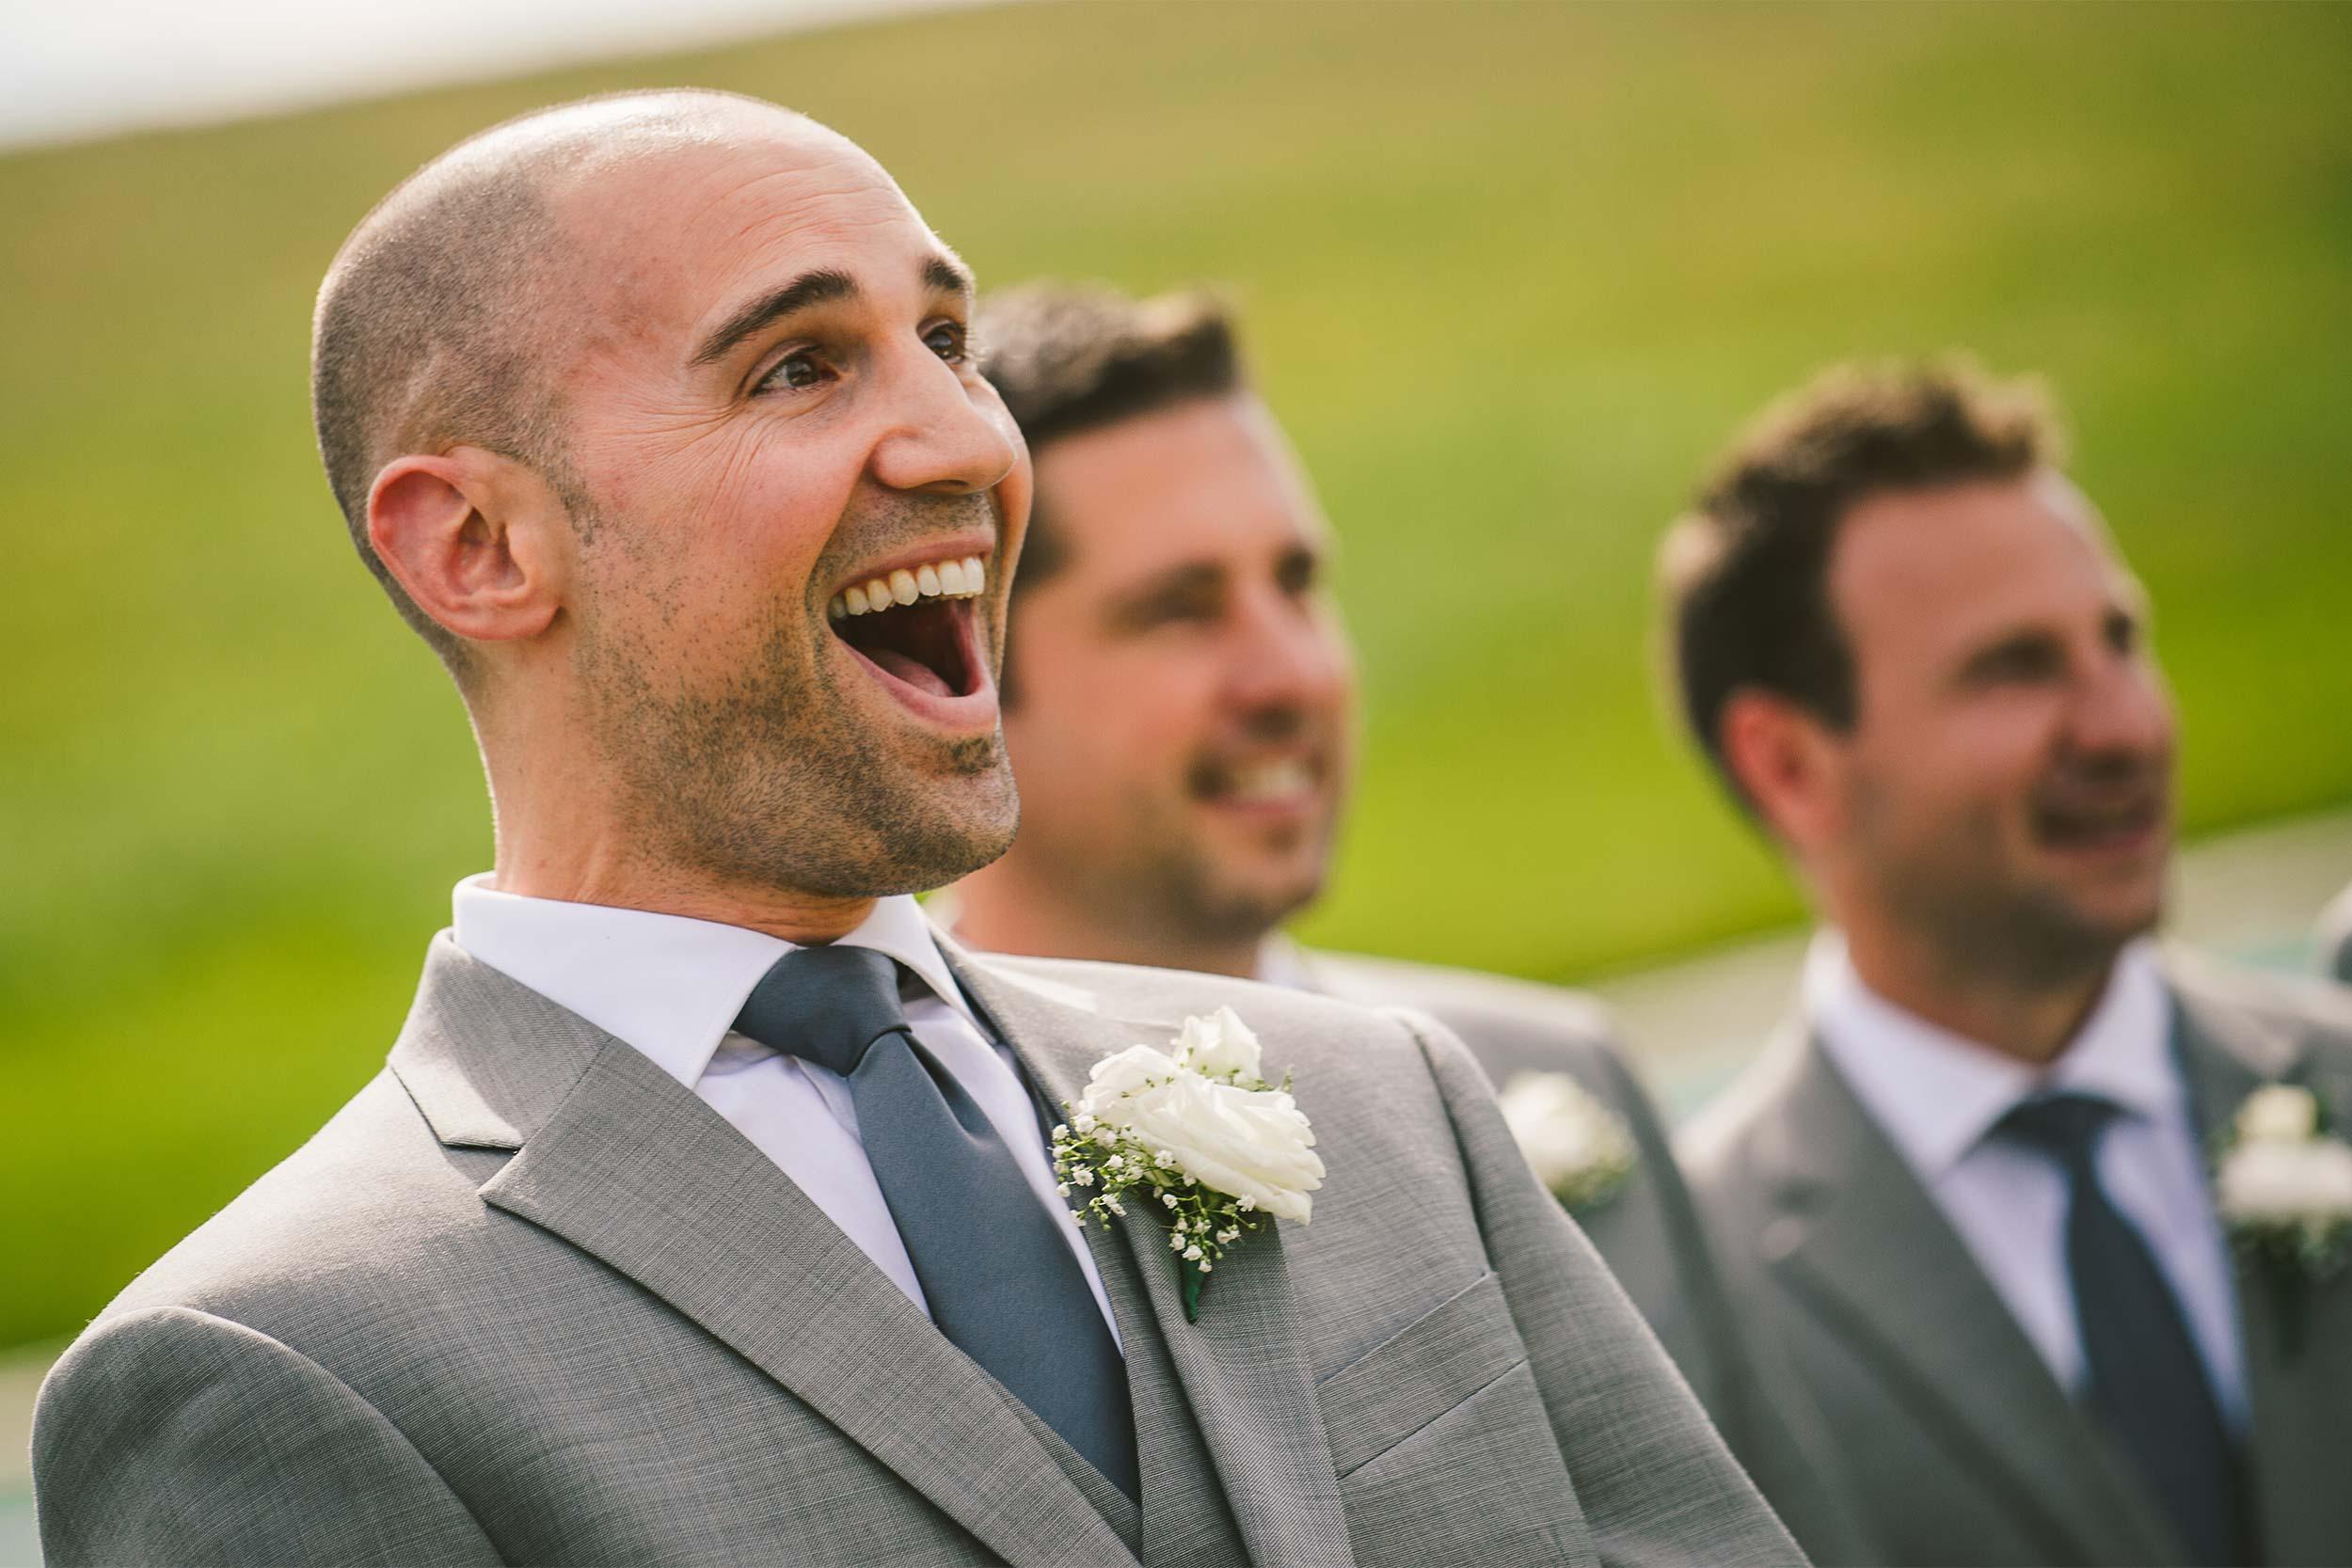 groom-surprised-first-look-wedding-ceremony.jpg